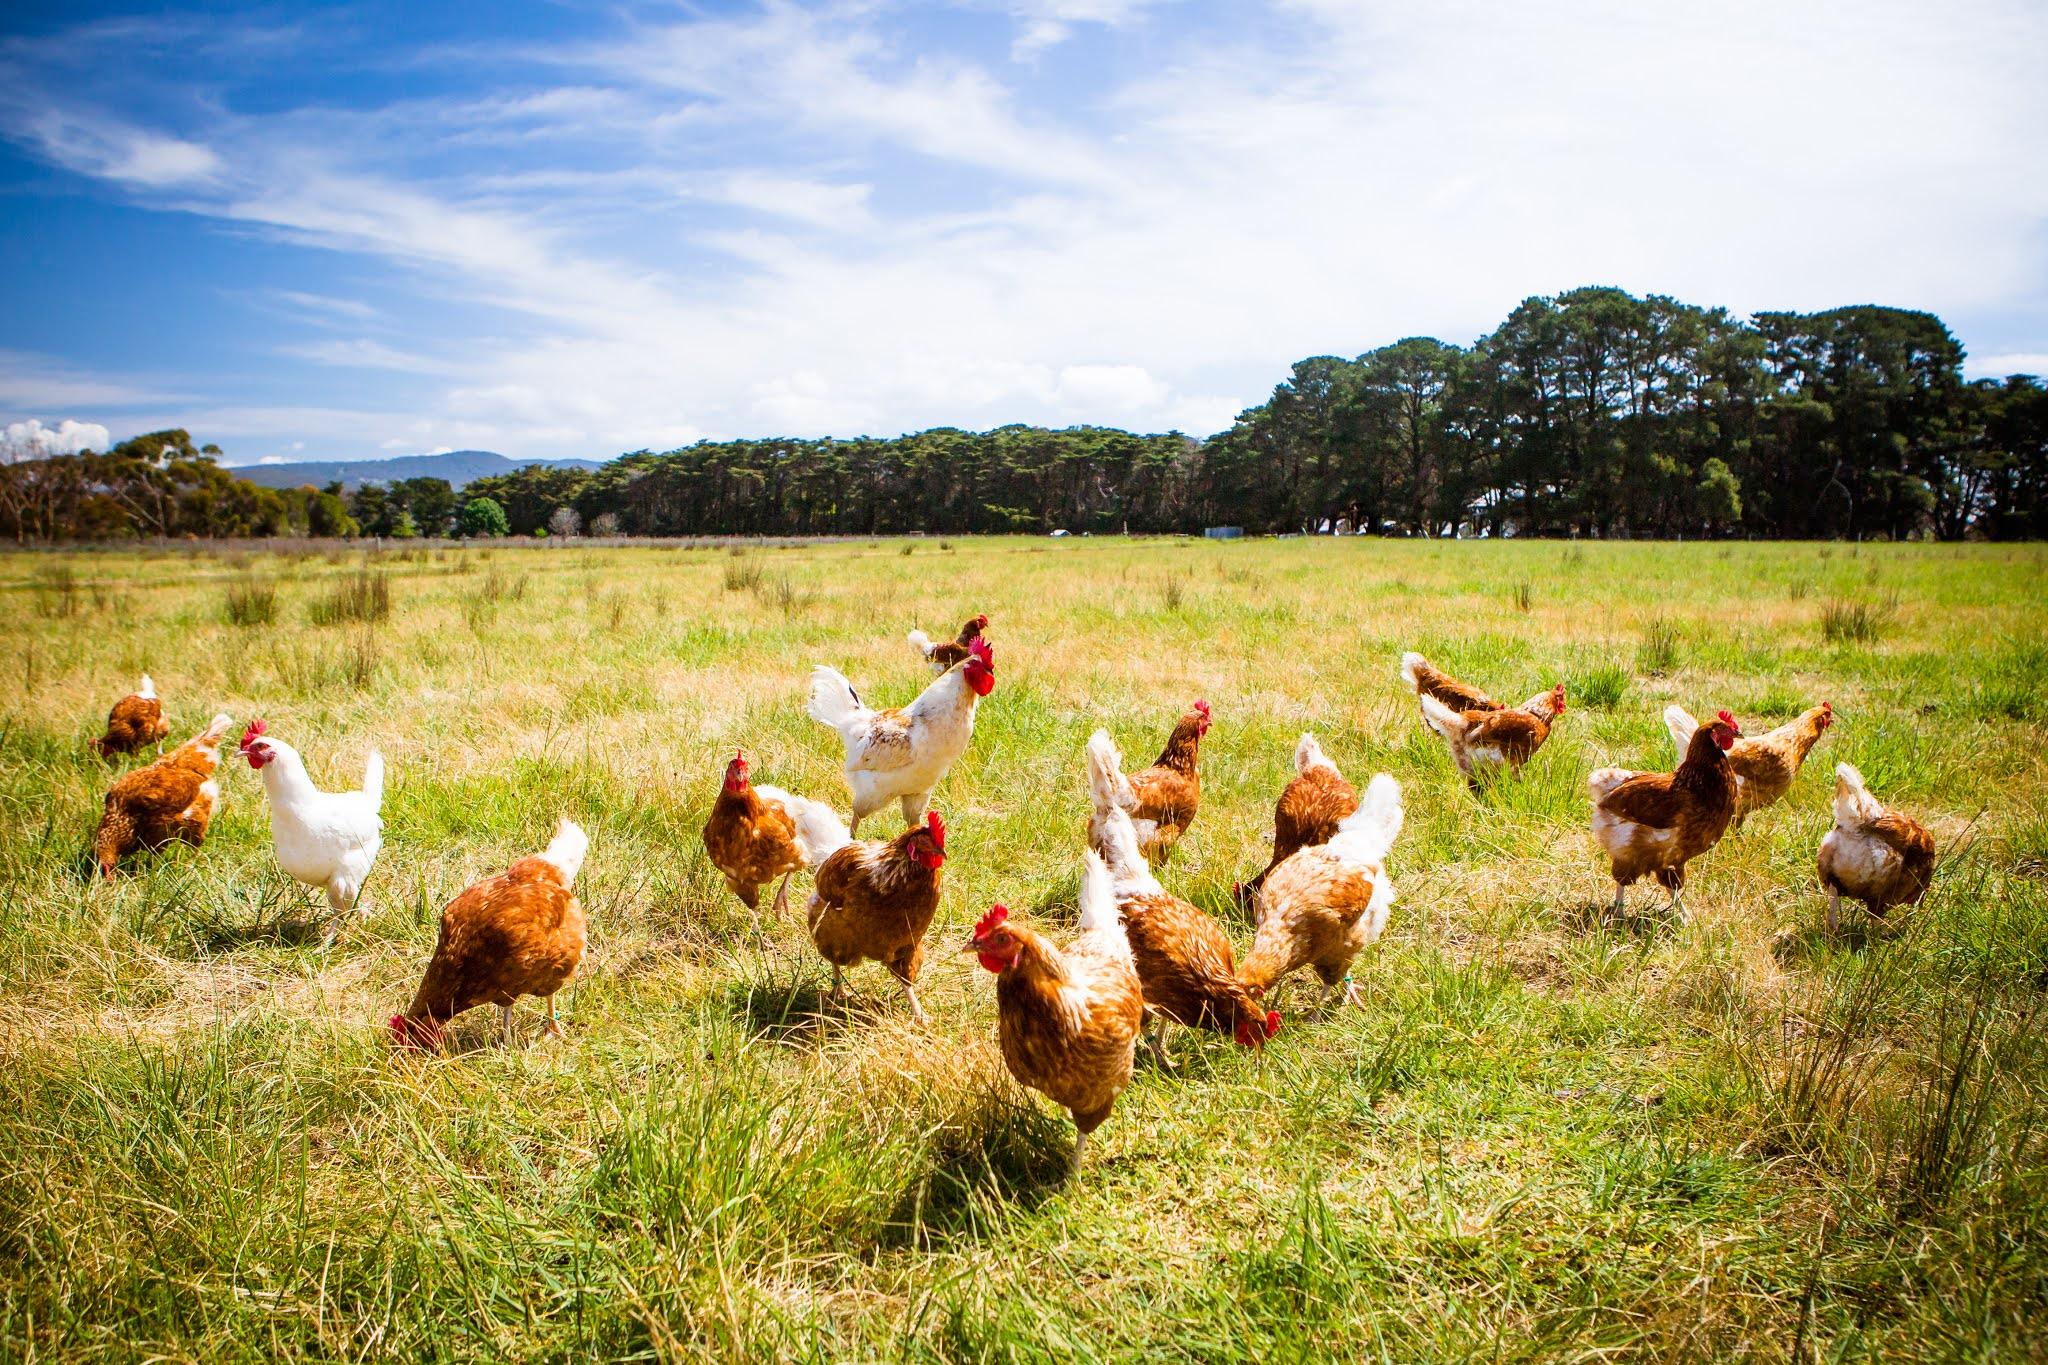 السعودية تقرر حظر استيراد لحوم الدواجن والبيض من فرنسا بسبب انفلونزا الطيور